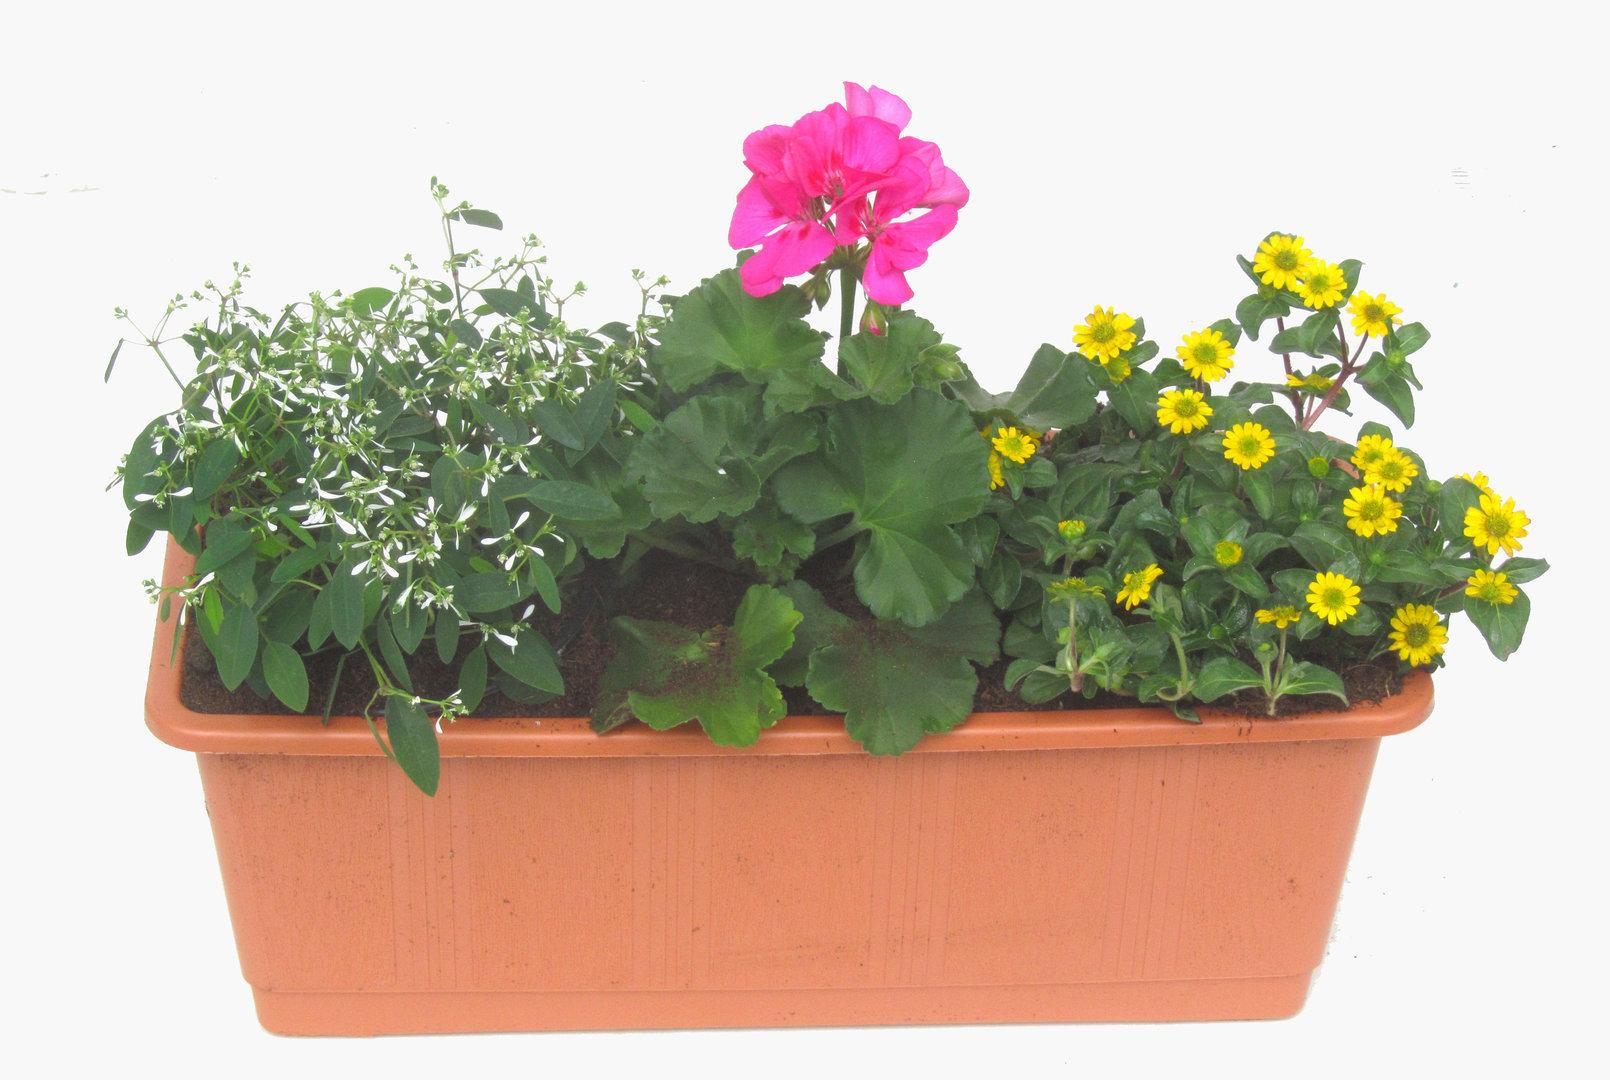 balkonpflanzen set f r balkonk sten 40 60 cm lang sommer. Black Bedroom Furniture Sets. Home Design Ideas